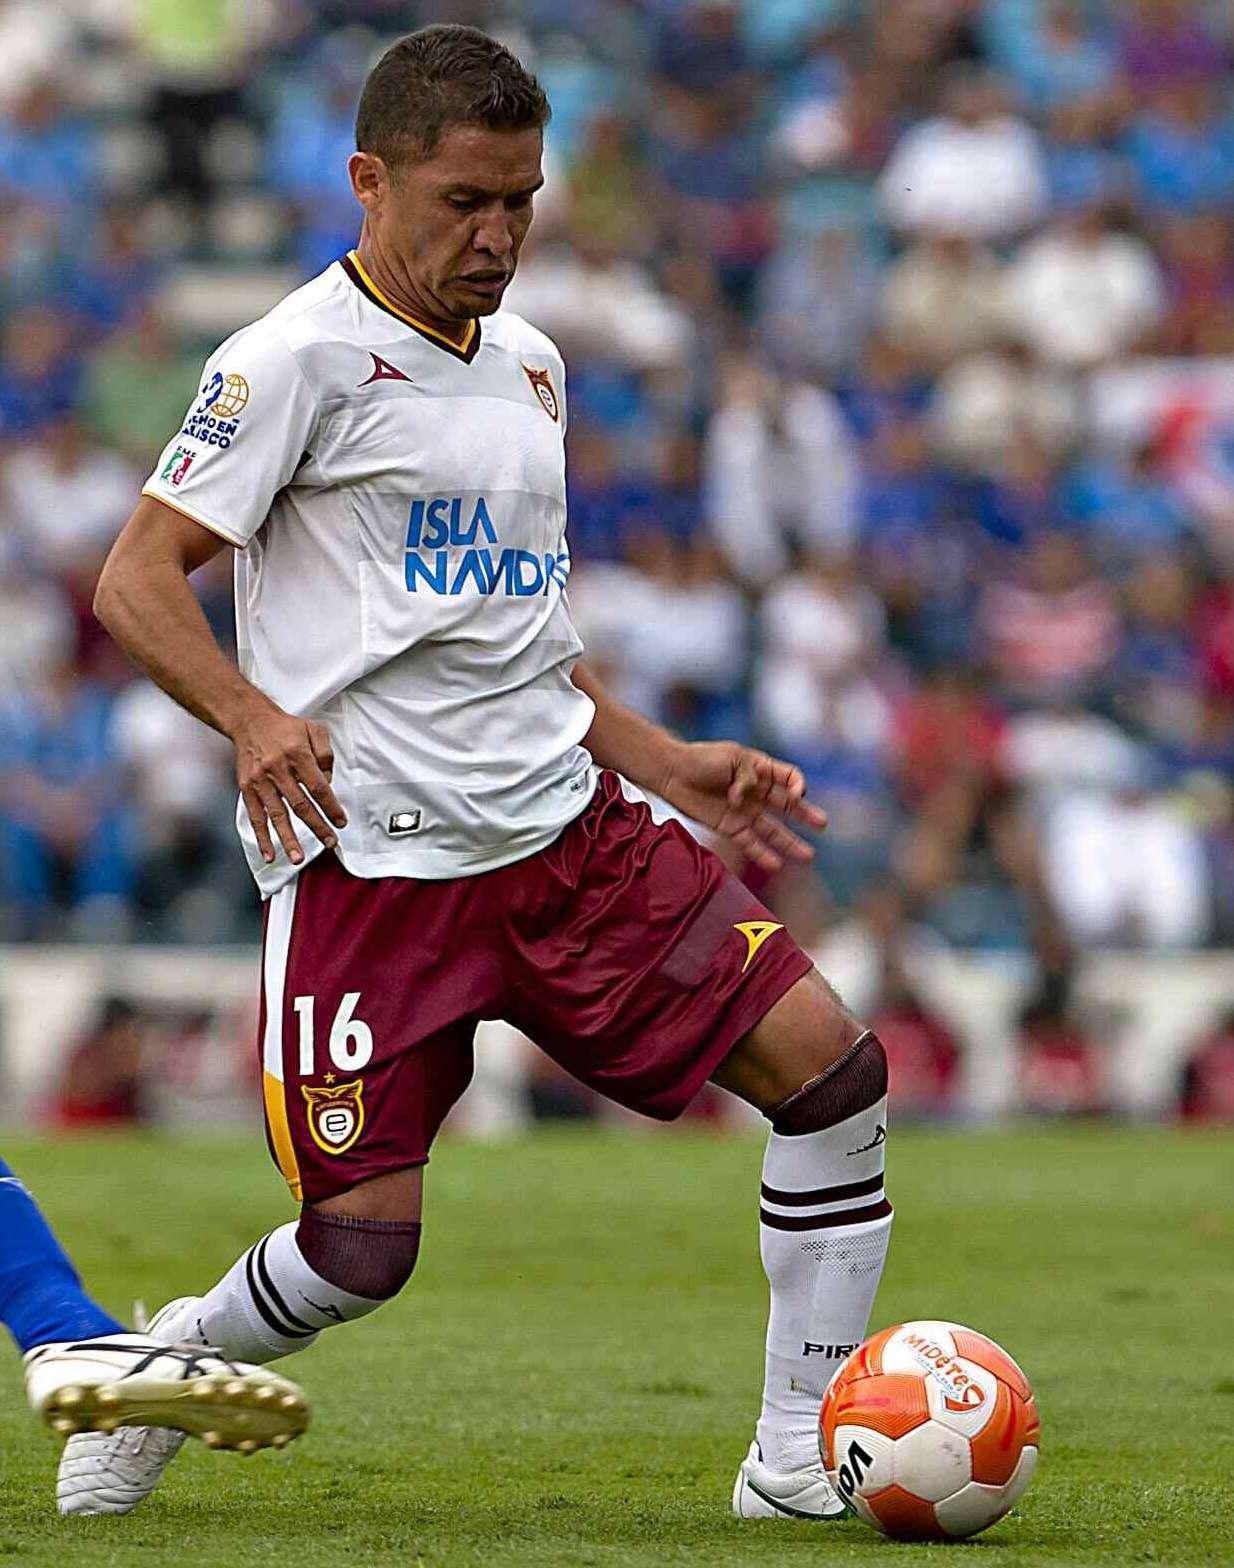 Gerardo Galindo en uno de sus últimos equipos, los Tecos de la UAG. Foto: Mexsport